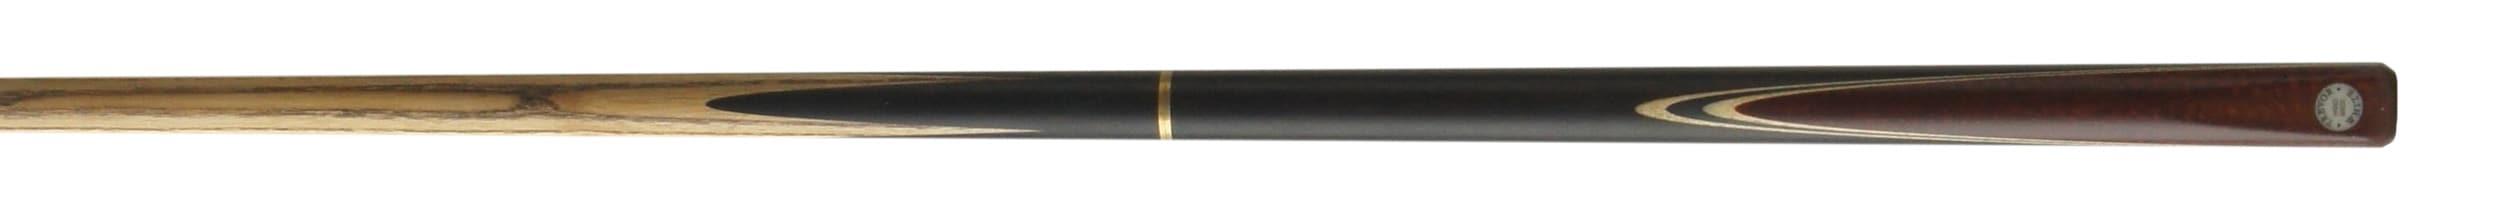 【中古スヌーカーキュー】トレバー・ホワイト プロシャフト スネークウッド 3/4シャフト 商品画像